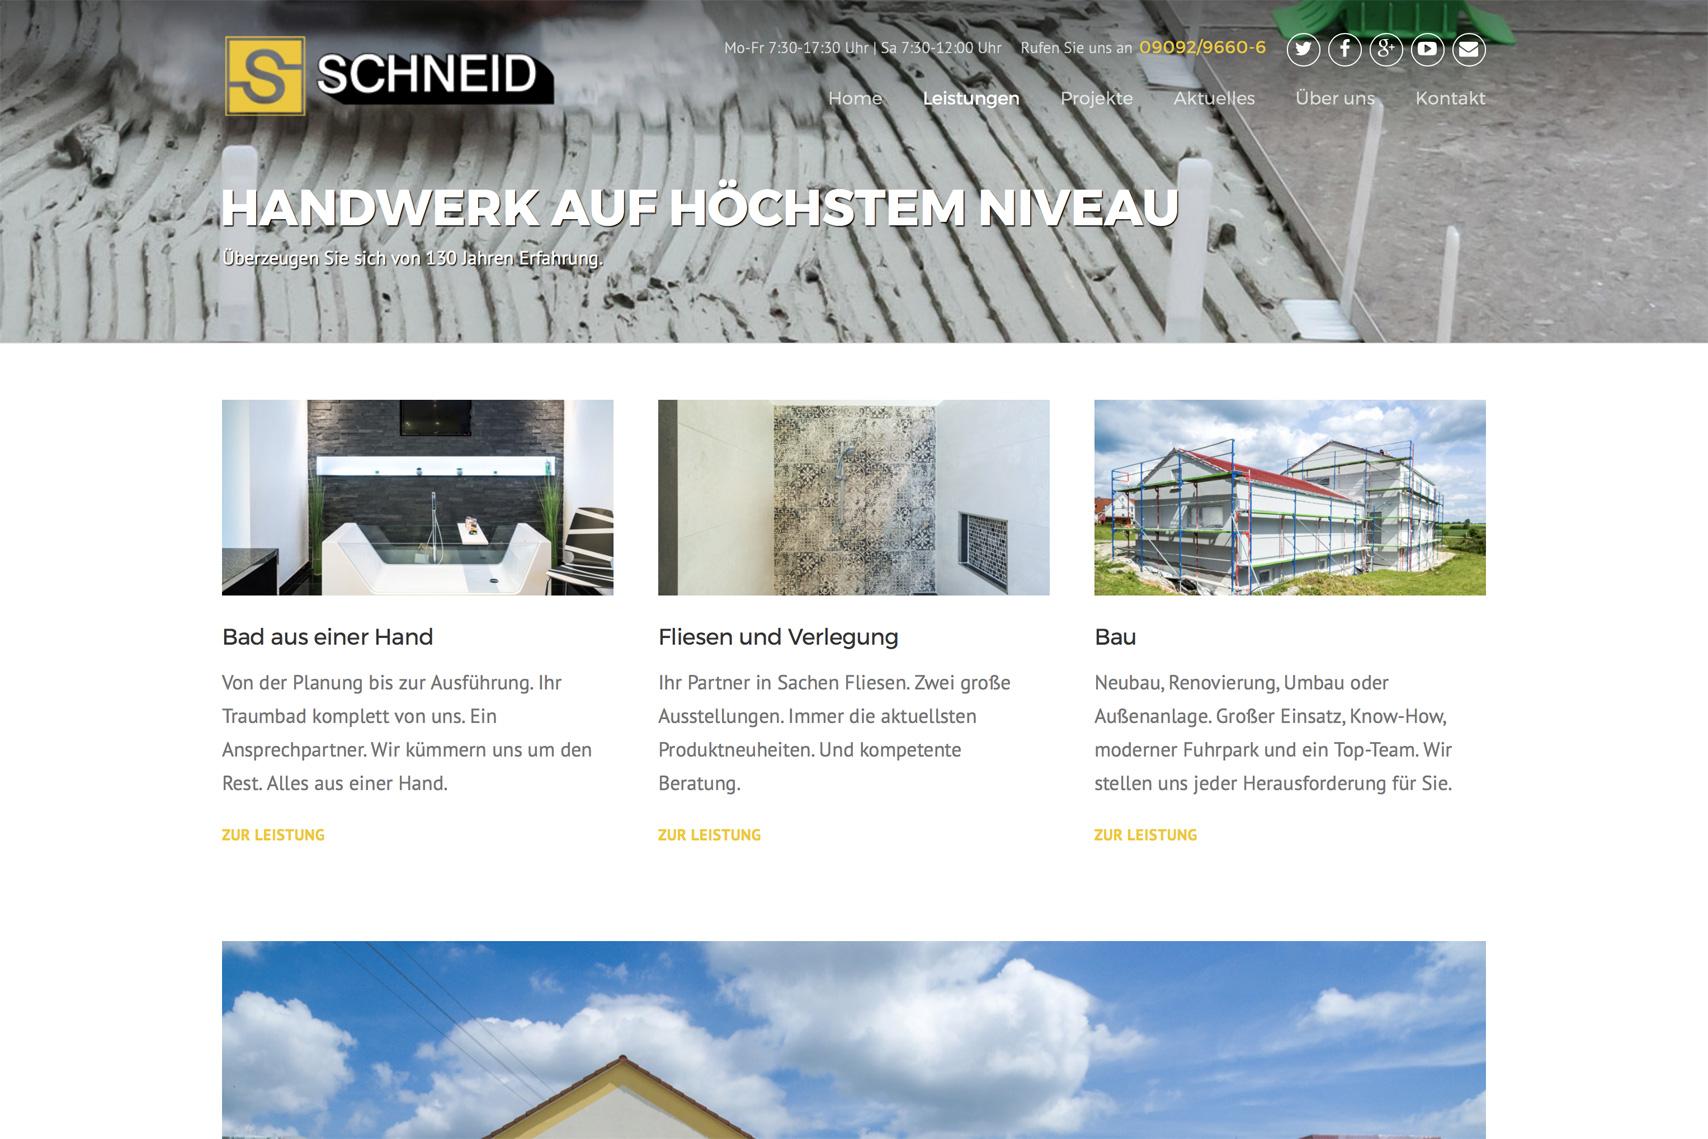 Schneid_Bau_00002